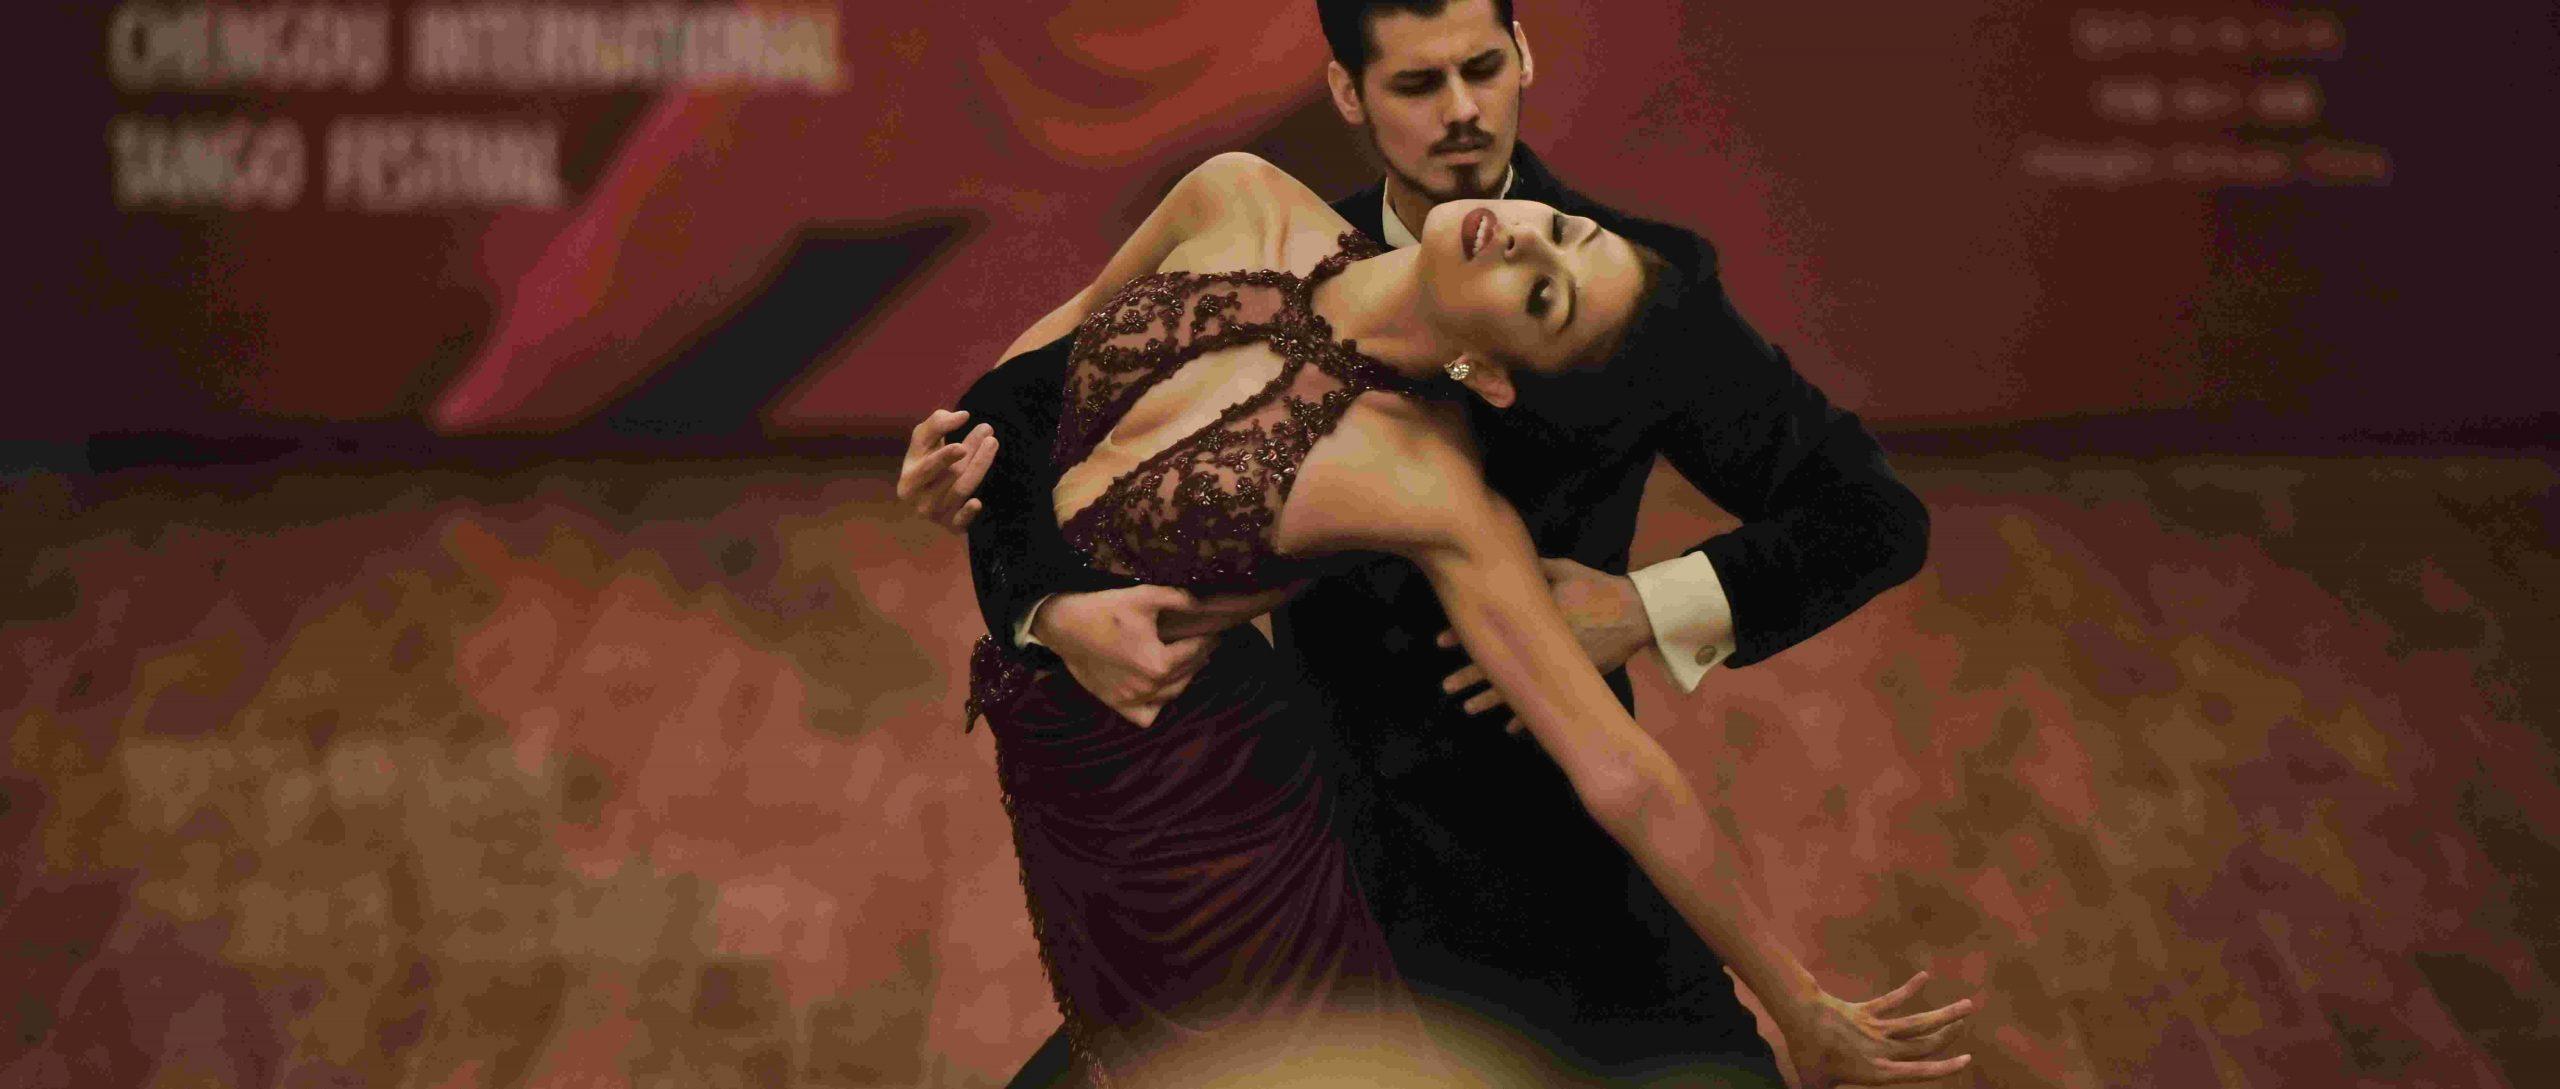 ¡Viva el baile!: Las siete danzas representativas de América latina